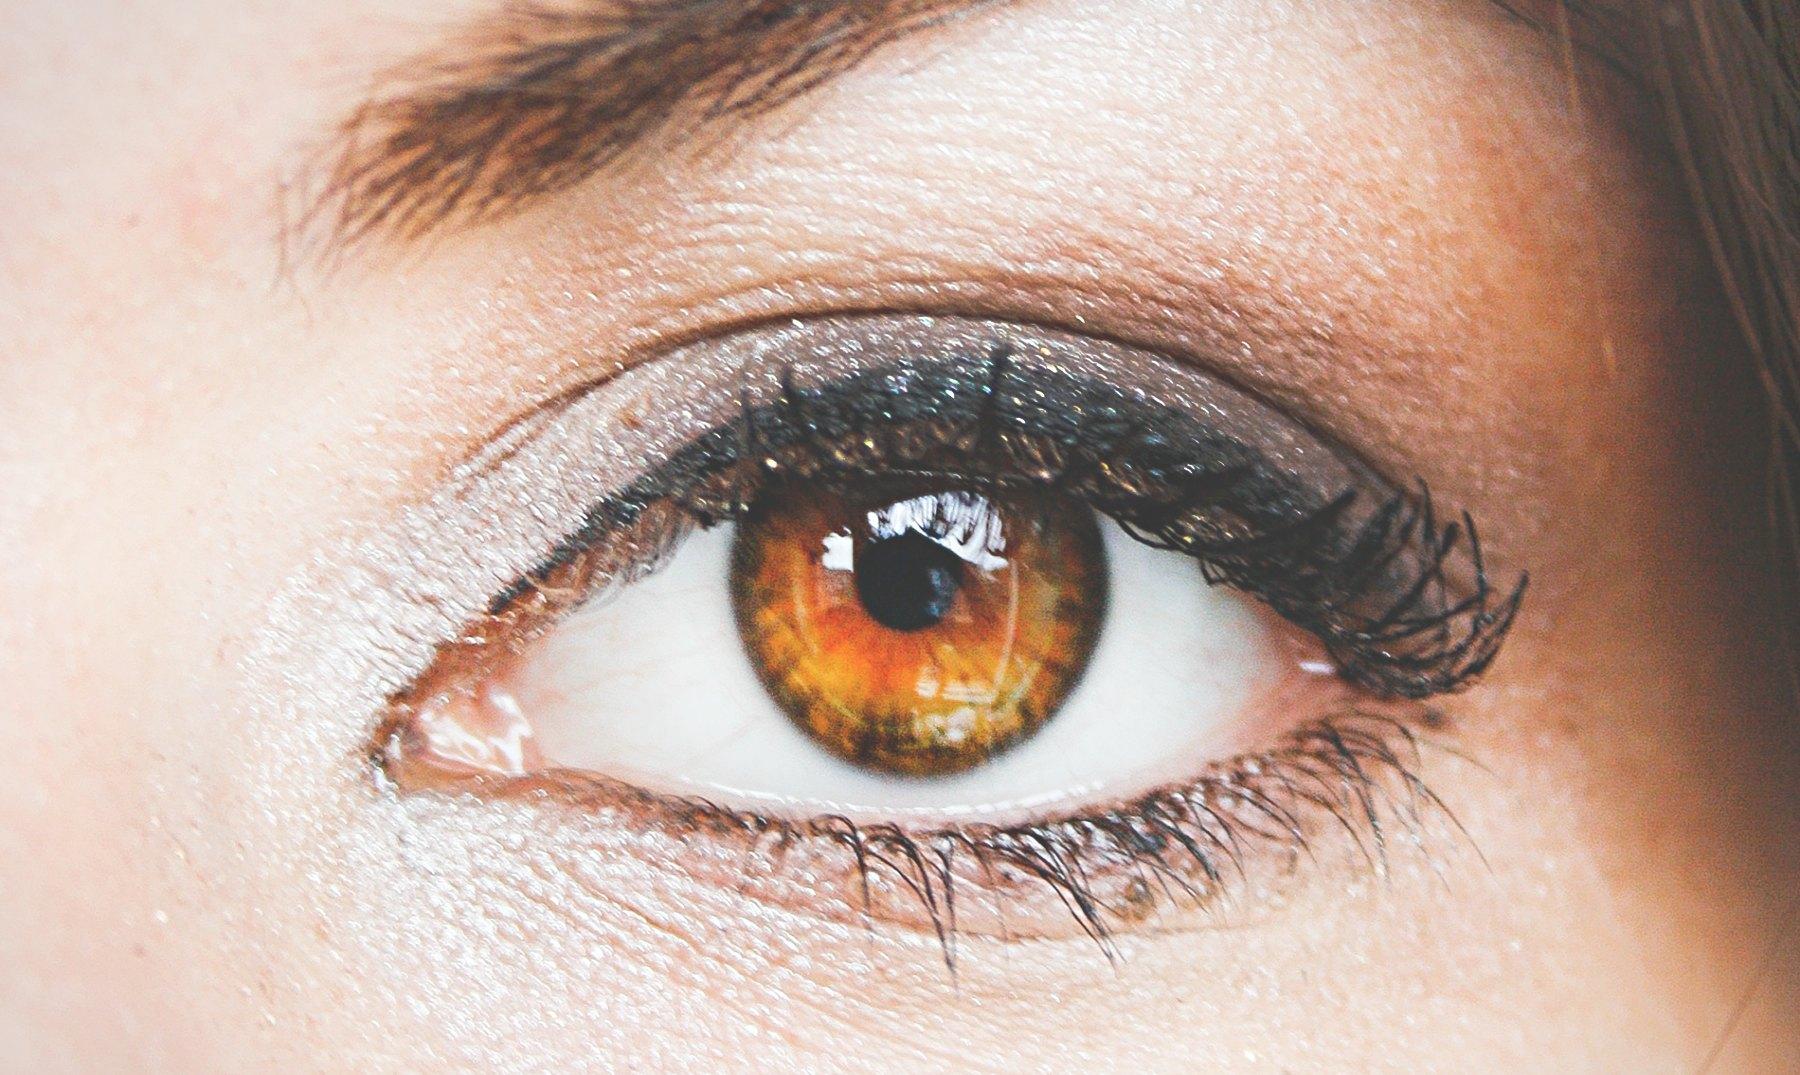 La causa de los círculos castaños oscuros alrededor de los ojos